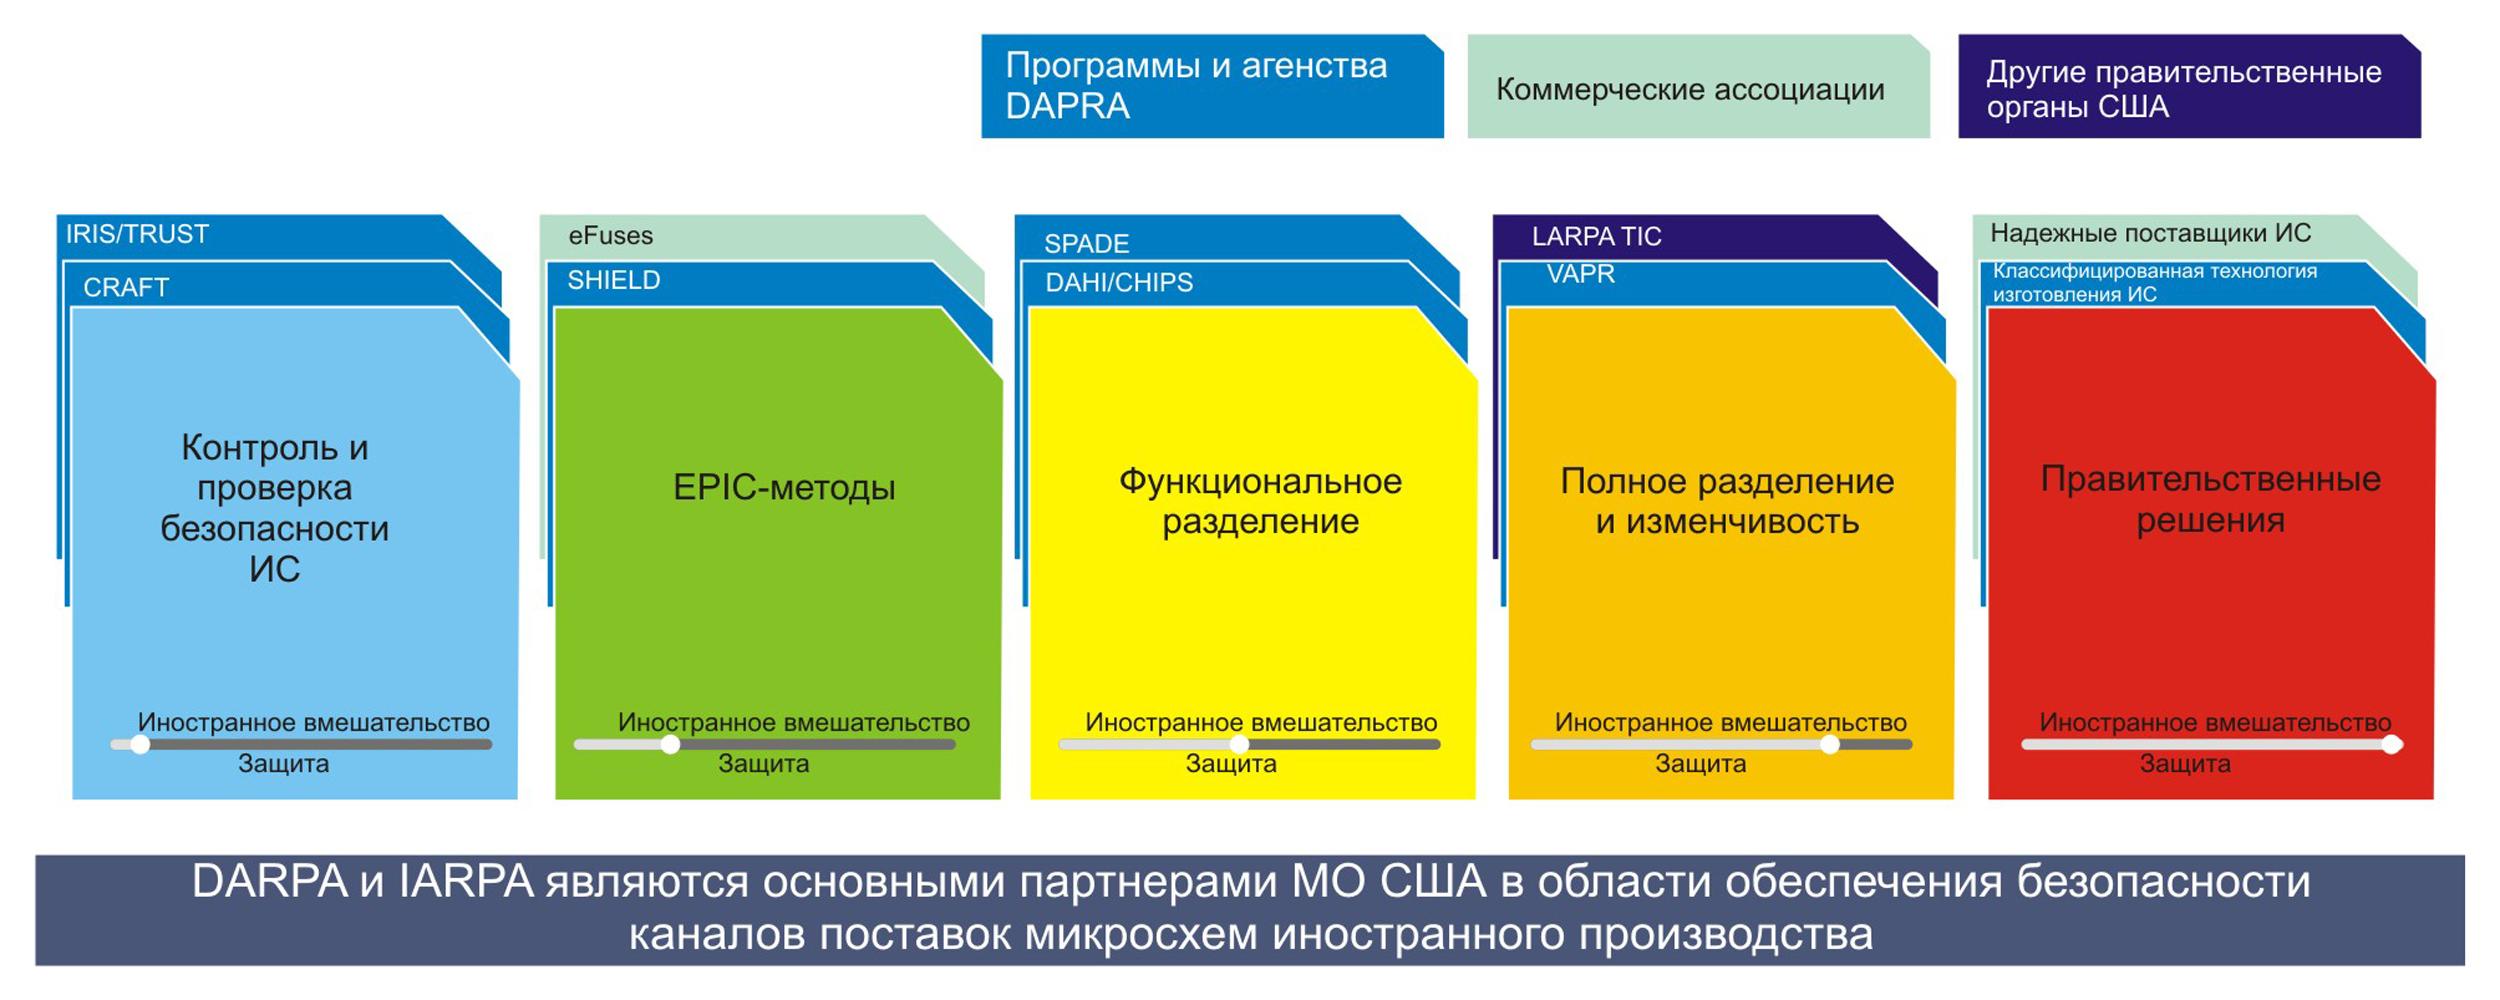 Американская золотая пятерка безопасности — основные направления разработки комплексов нормативно-технических мероприятий, директив и программ обеспечения безопасности каналов поставки микросхем